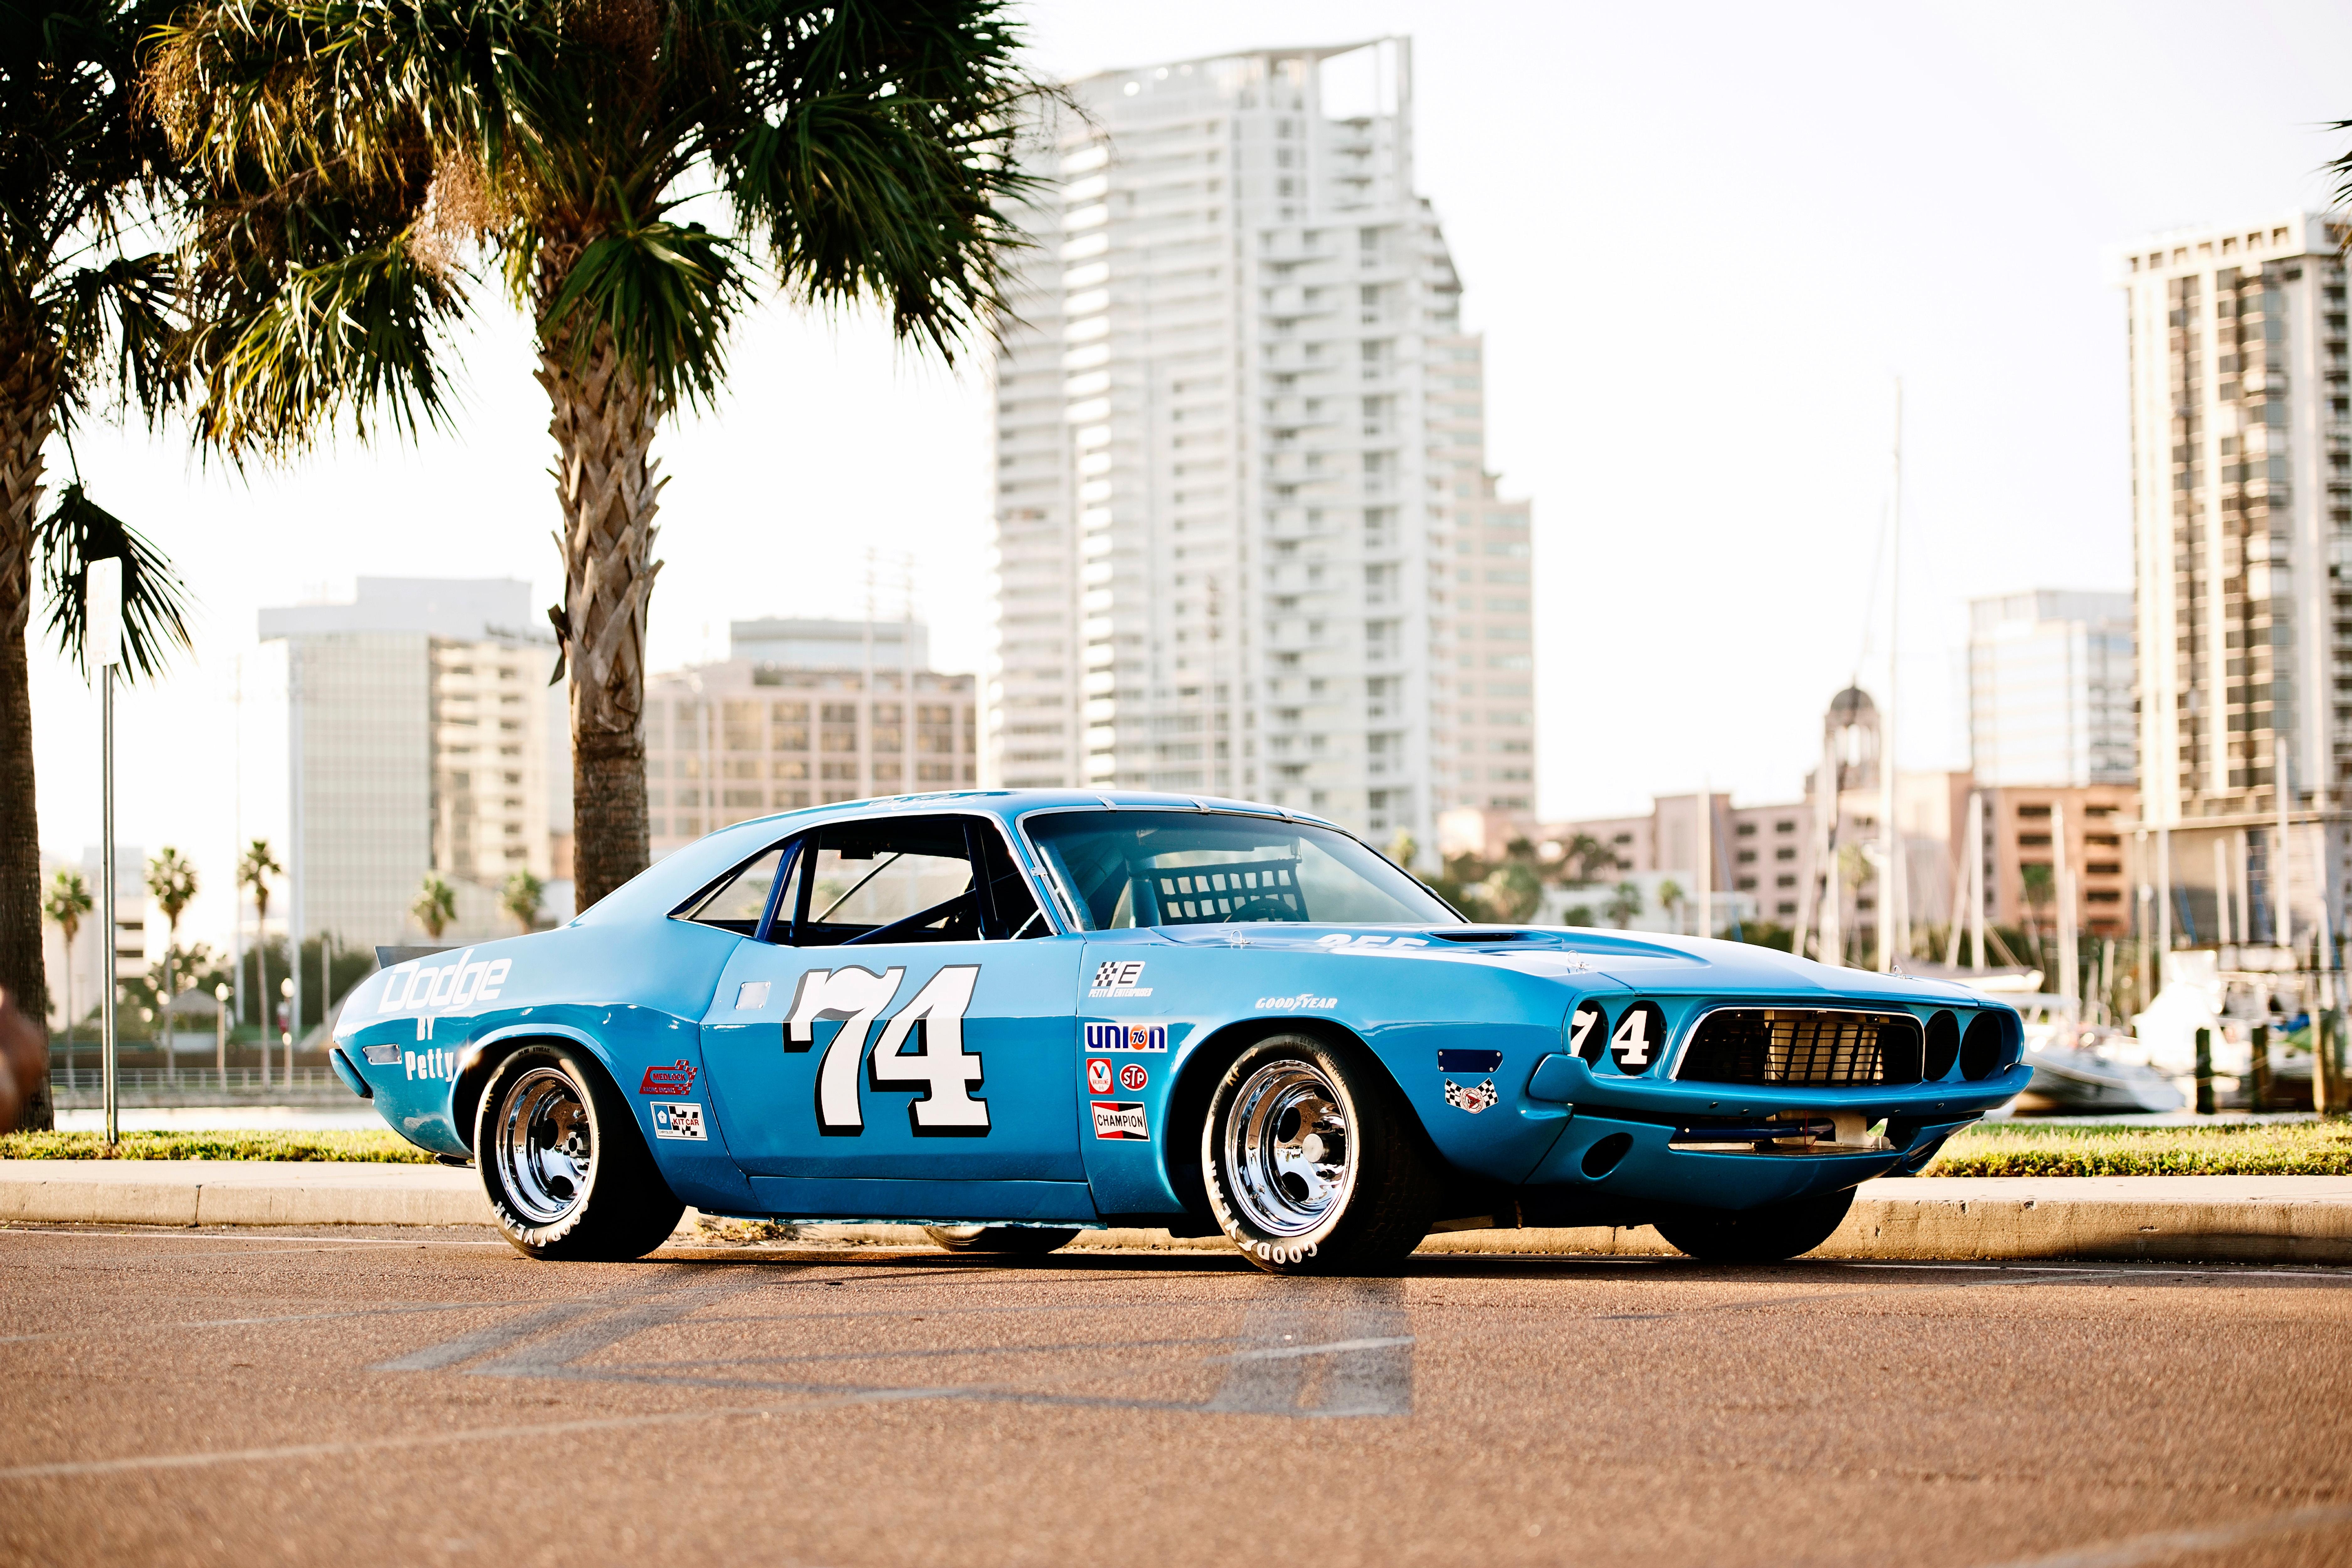 Blue Car Dodge Challenger Muscle Car Race Car 7500x5000